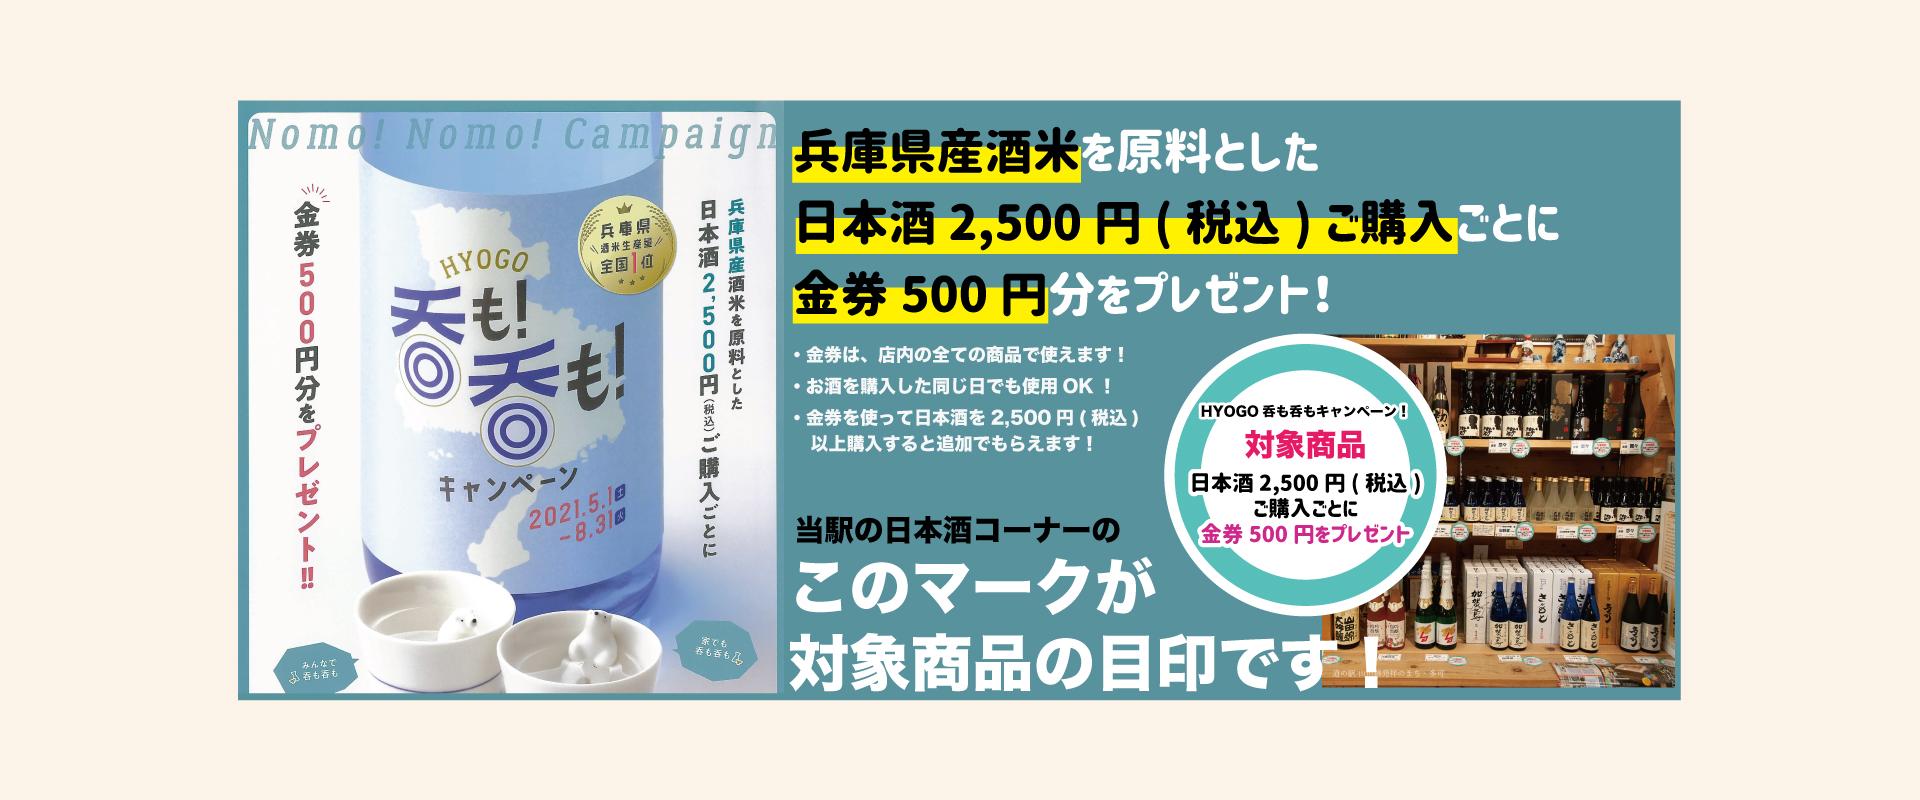 【水曜日だけど販売します!】マイスター工房八千代「天船巻き寿司」の特別販売について